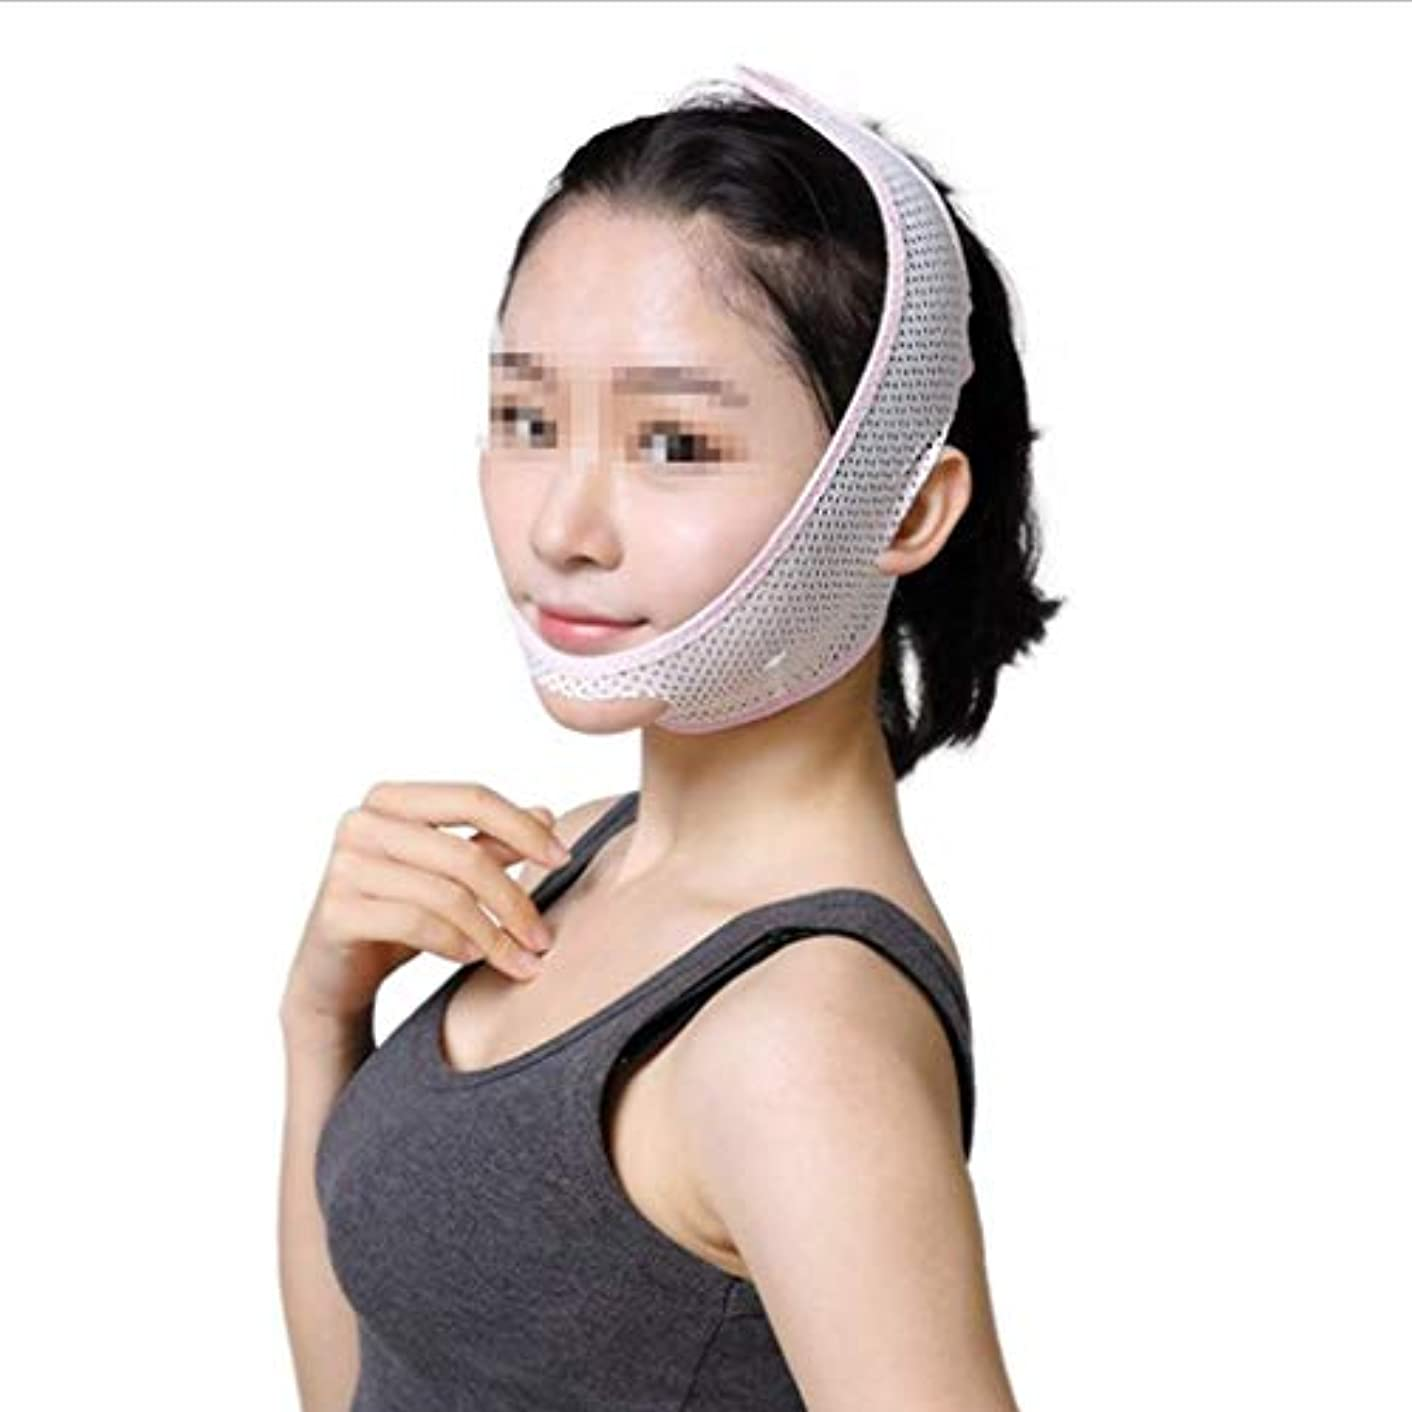 モニカ支店パイル超薄型通気性フェイスマスク、包帯Vフェイスマスクフェイスリフティングファーミングダブルチンシンフェイスベルト(サイズ:M)